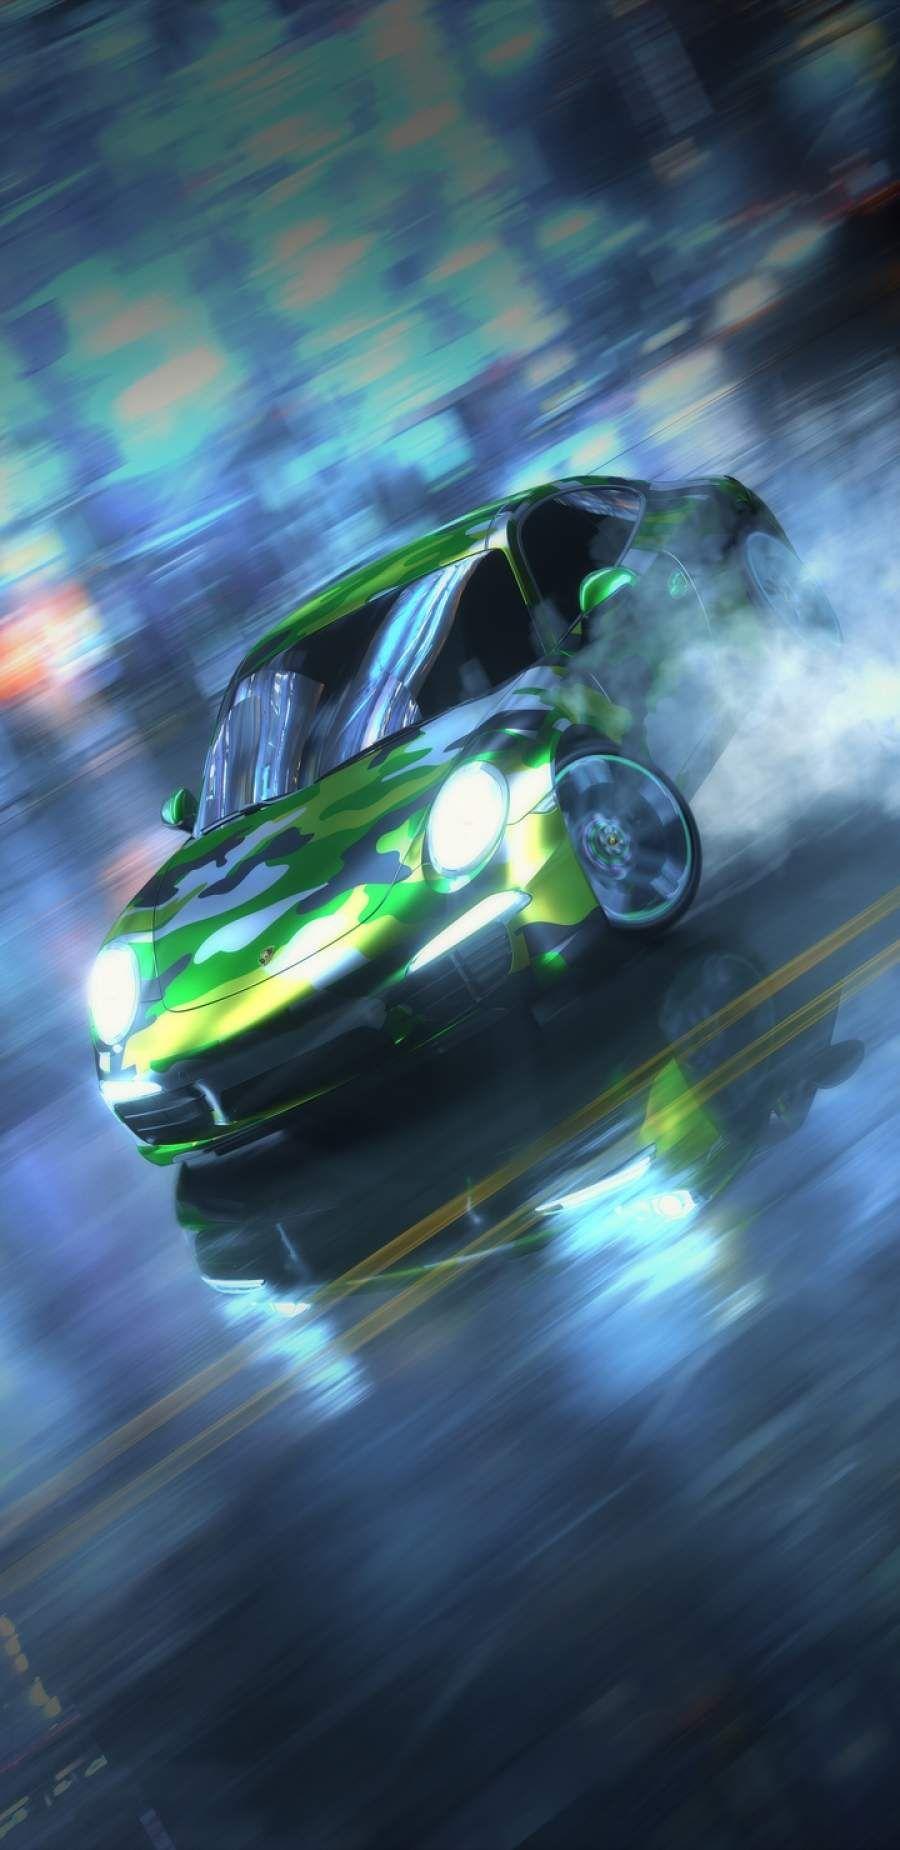 Porsche Drifting Iphone Wallpaper Car Wallpapers Car Iphone Wallpaper Iphone Wallpaper